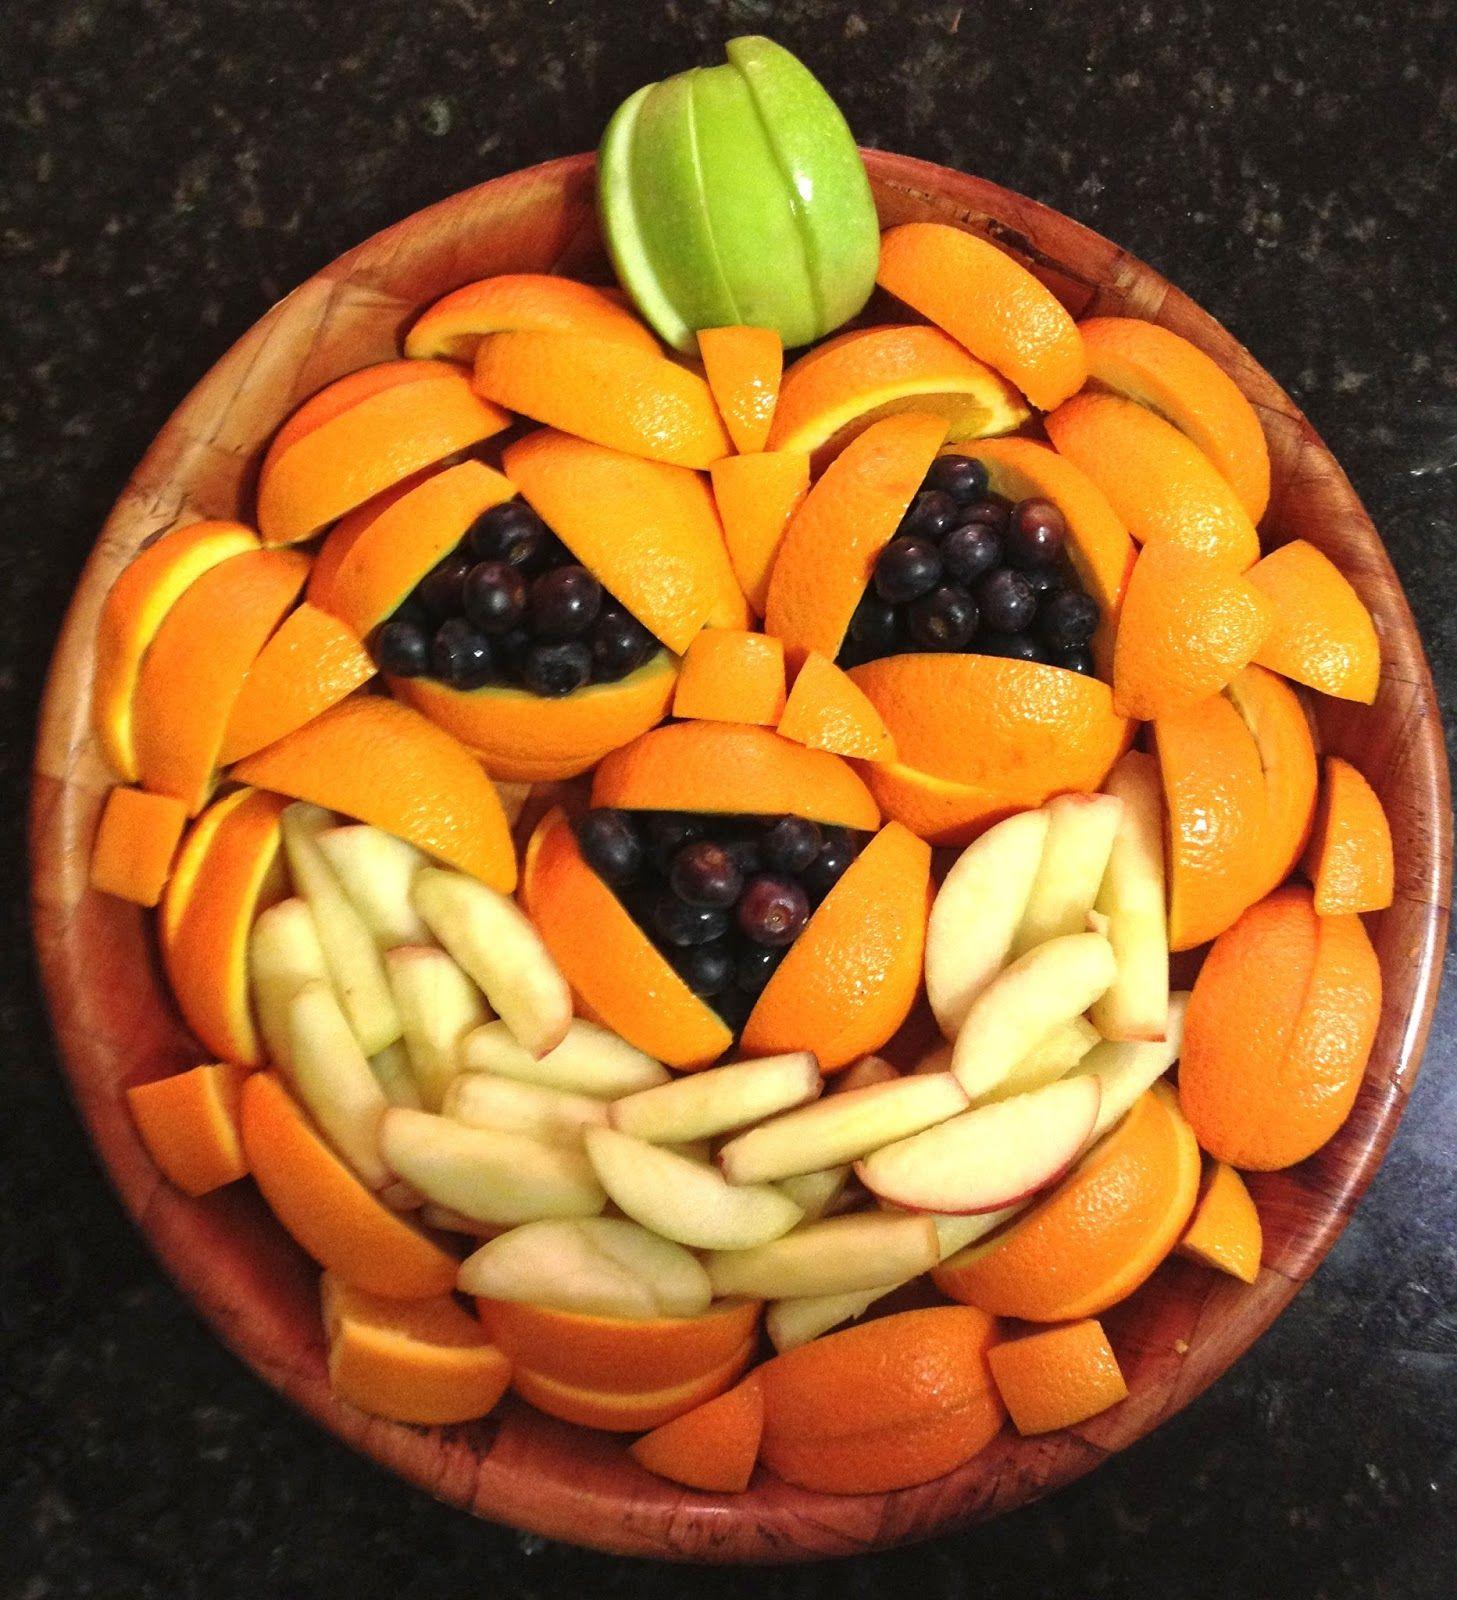 Healthy Halloween Food Ideas | Halloween foods, Food ideas and ...